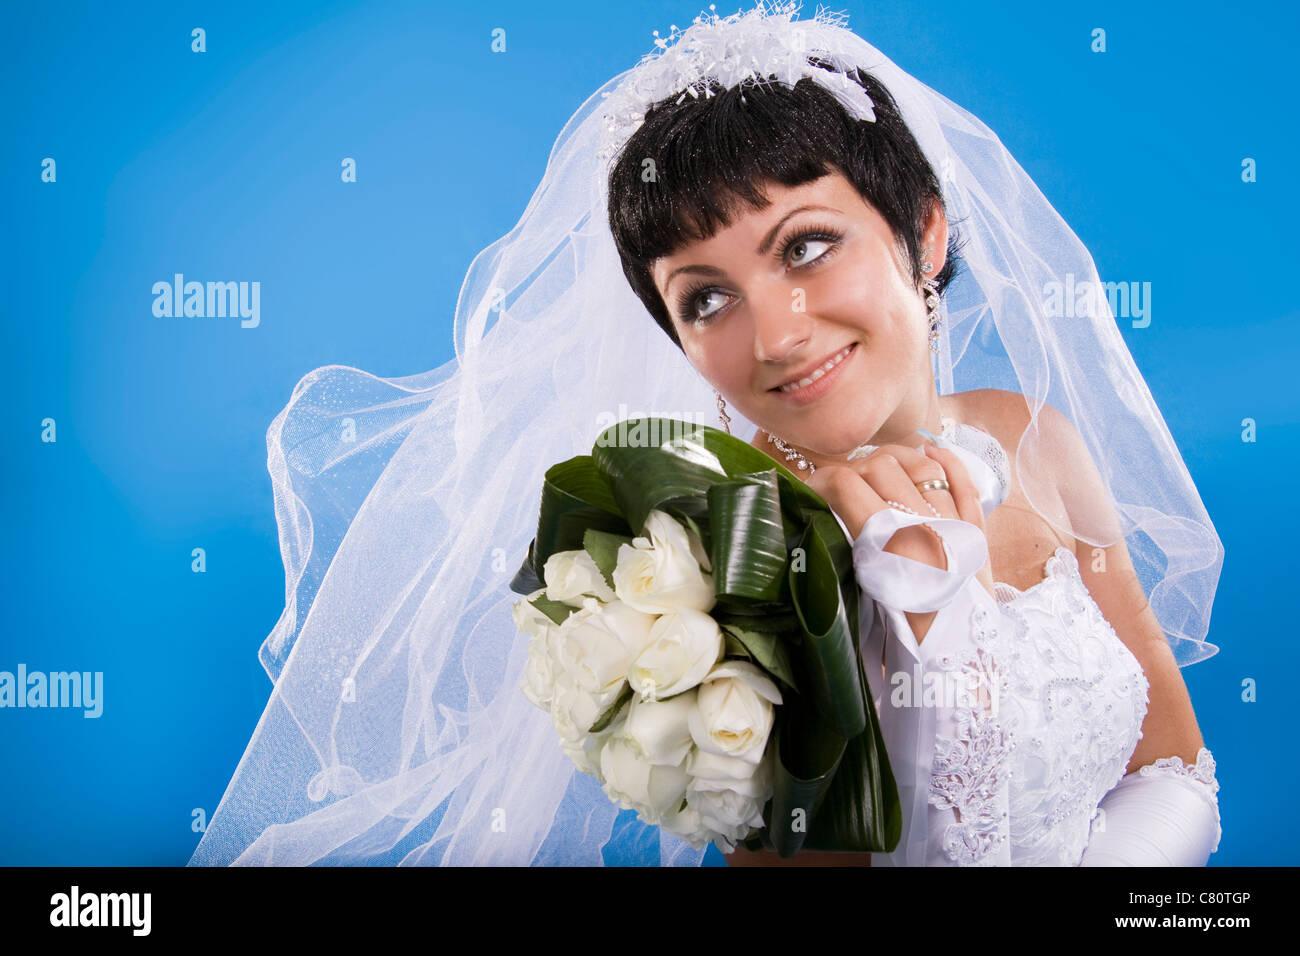 Bride tgp Nude Photos 8